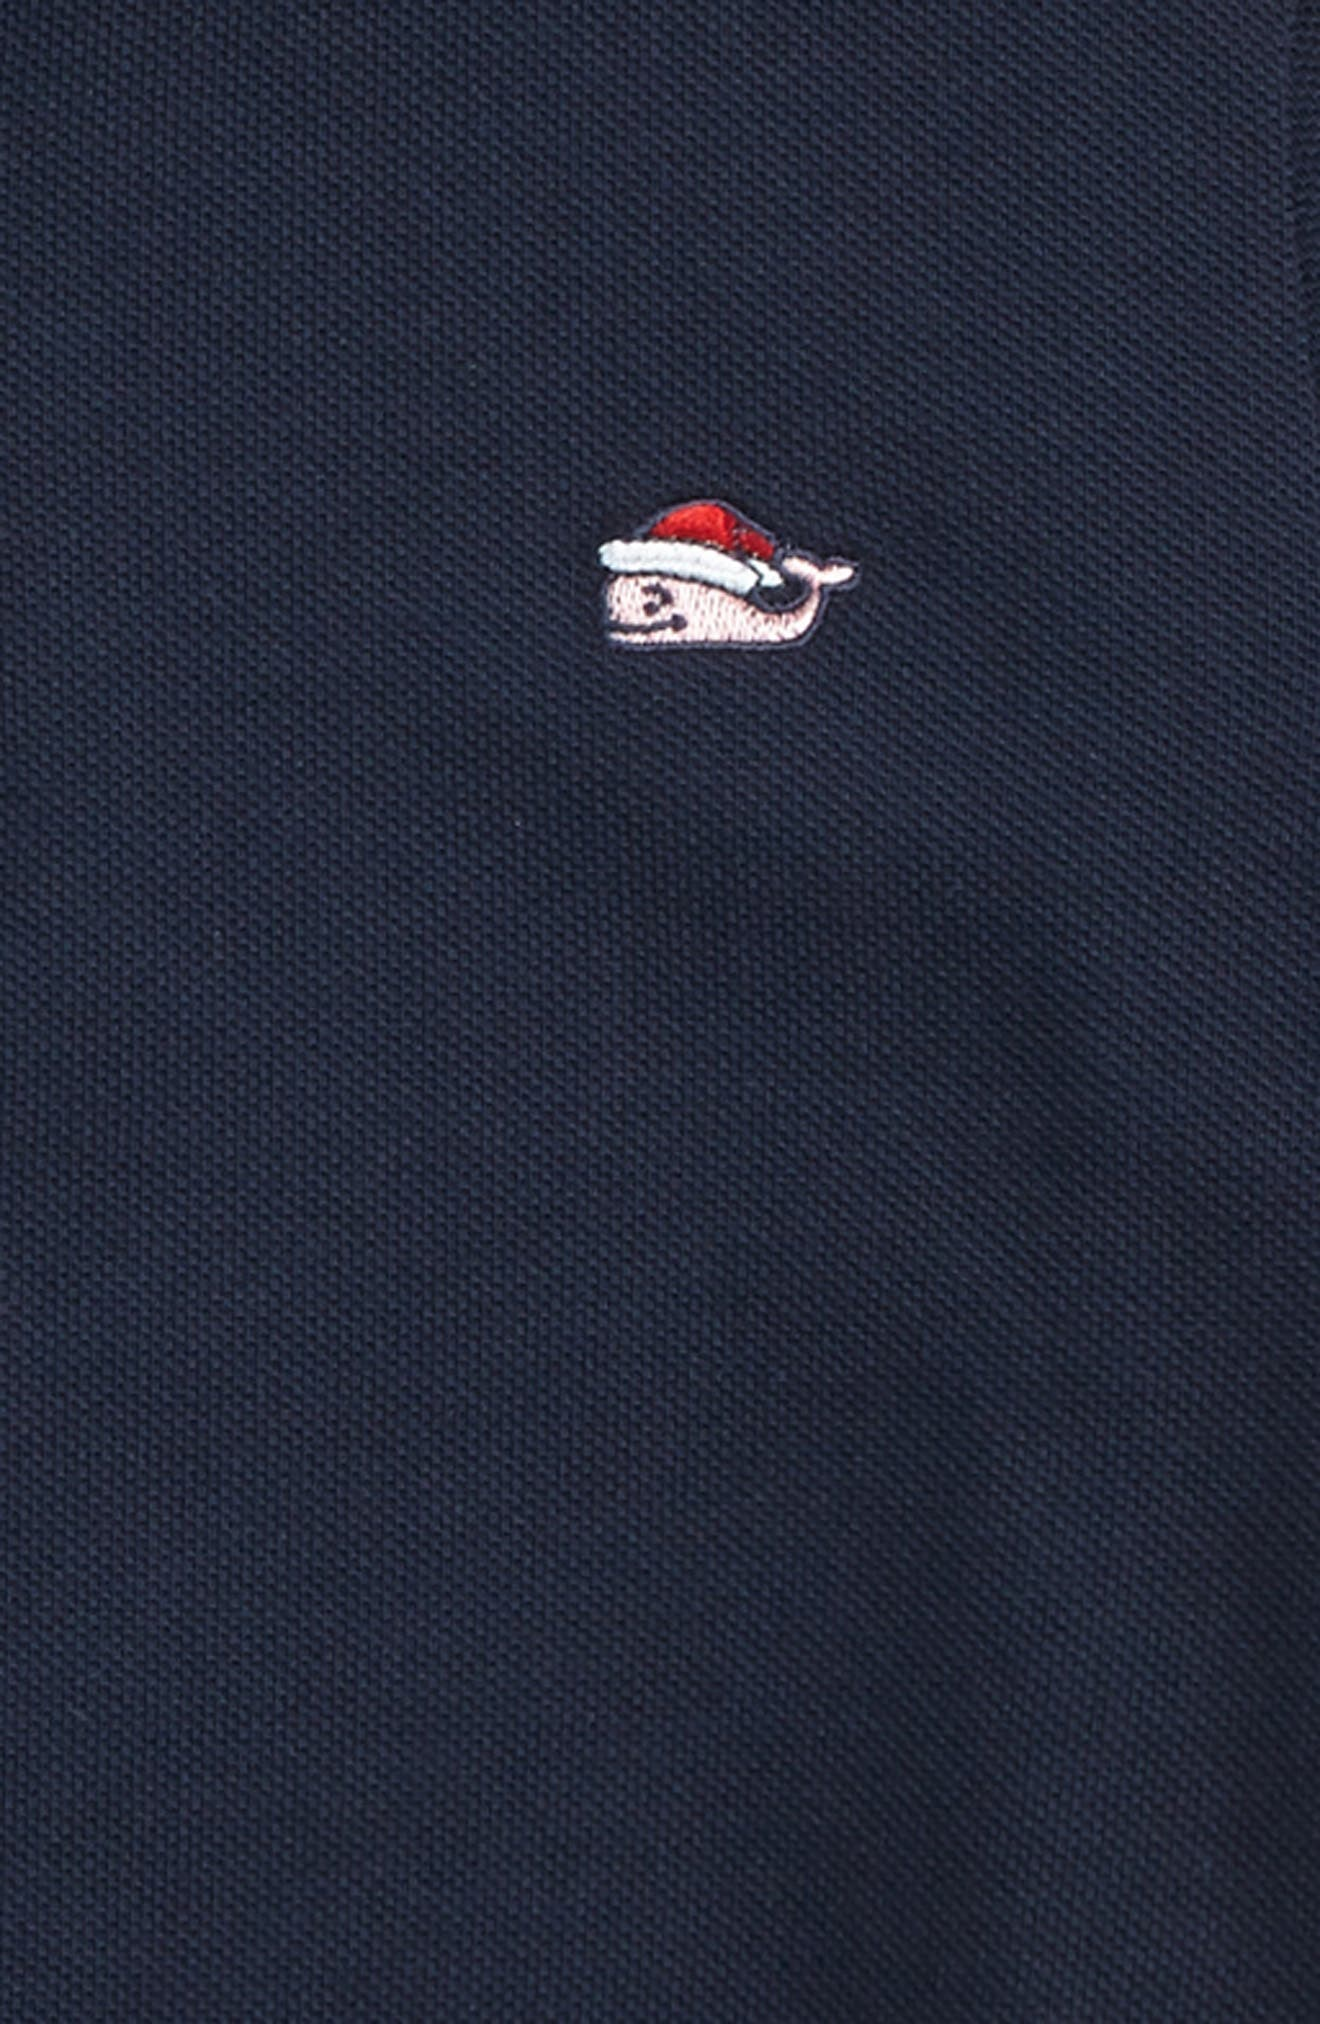 Santa Logo Pique Polo,                             Alternate thumbnail 2, color,                             410